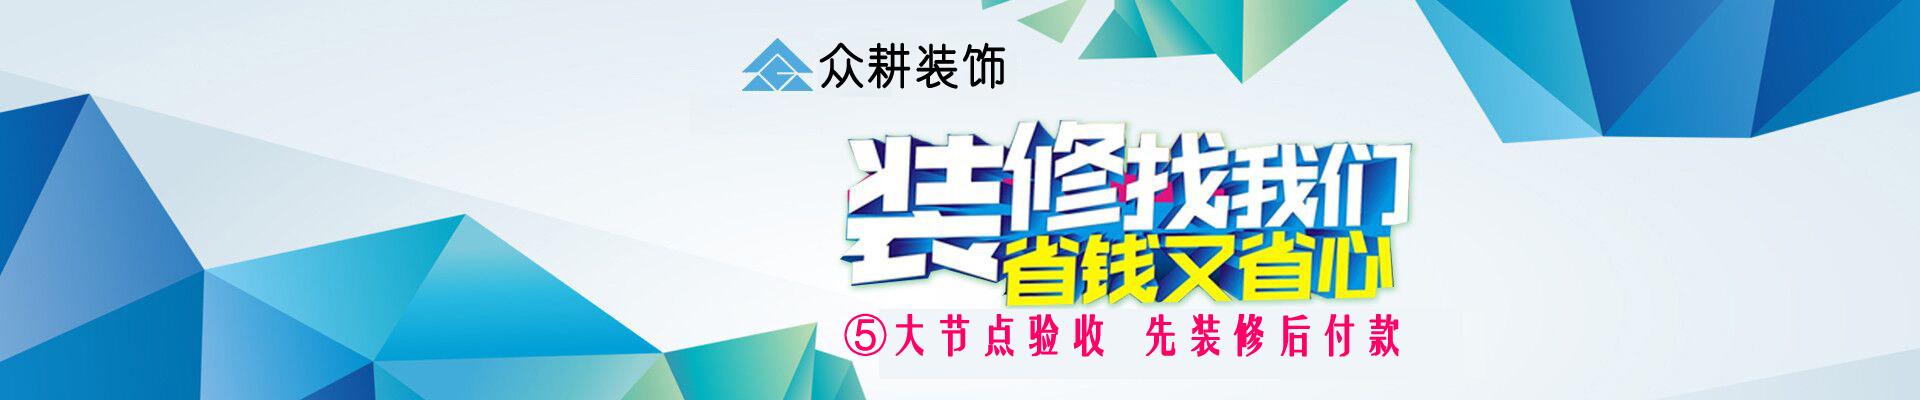 天津众耕装饰工程有限公司